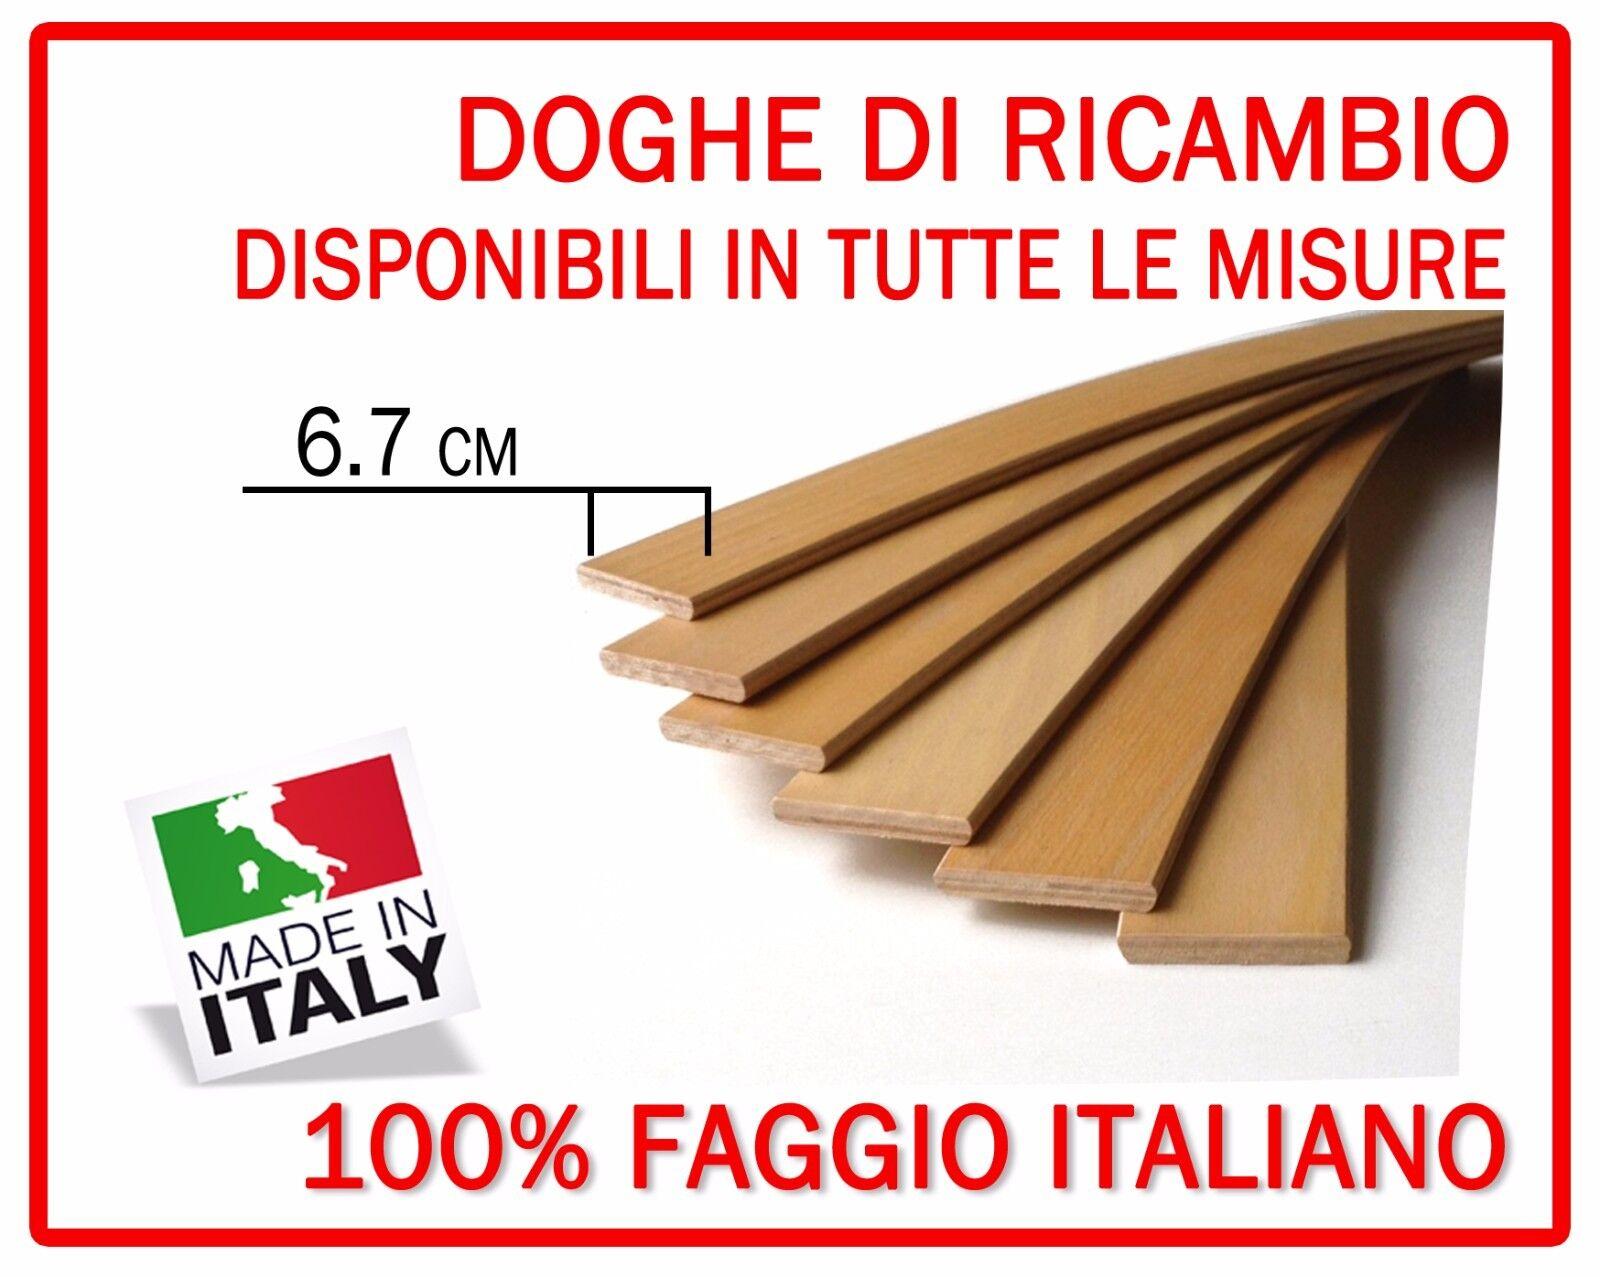 DOGA DOGHE DI RICAMBIO PER RETI LETTO IN LEGNO -TUTTE LE MISURE-LARGHEZZA 6.7 cm